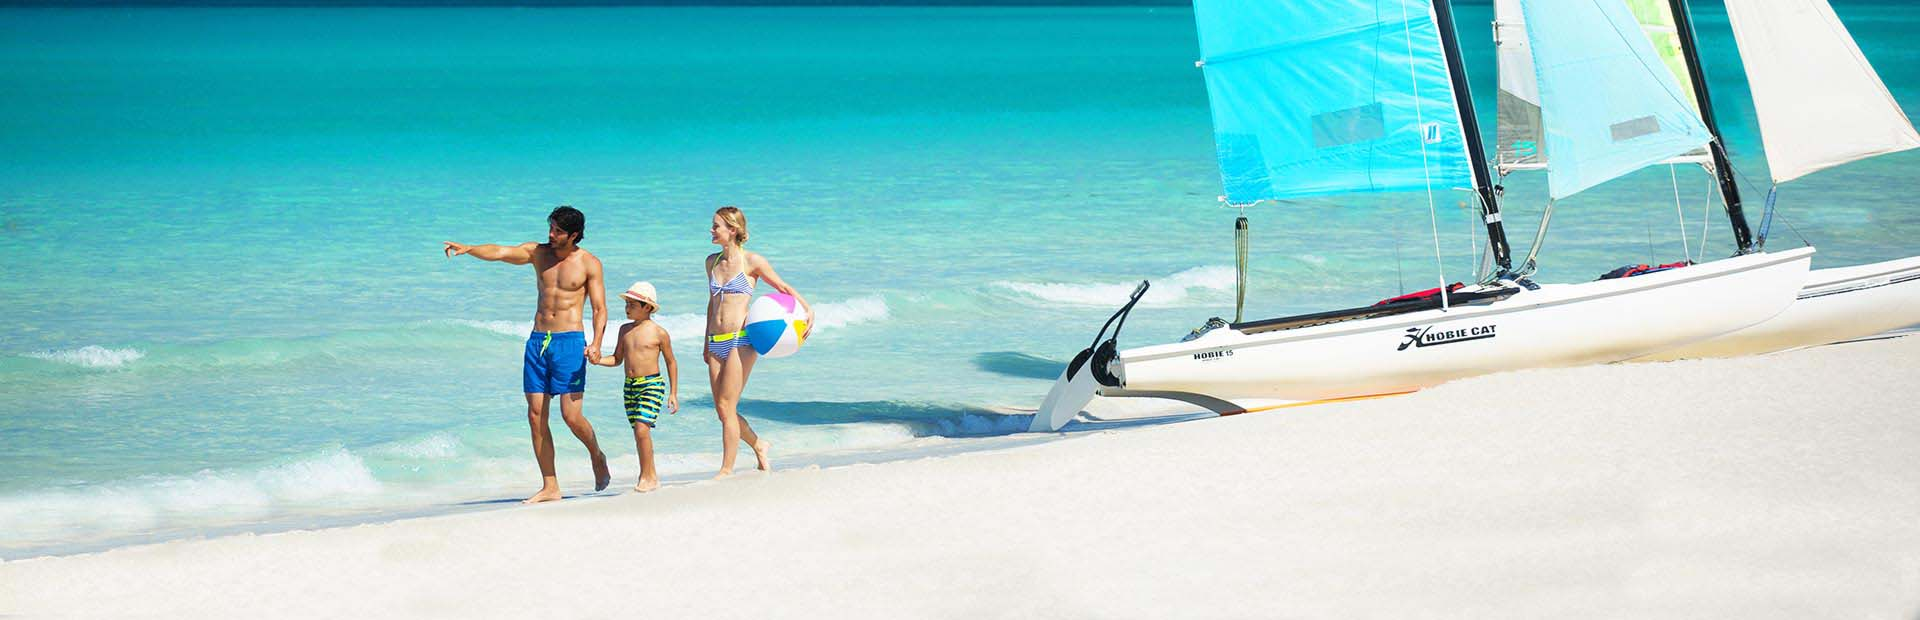 Playas del Este, El circuito azul ... - Destinos de Cuba